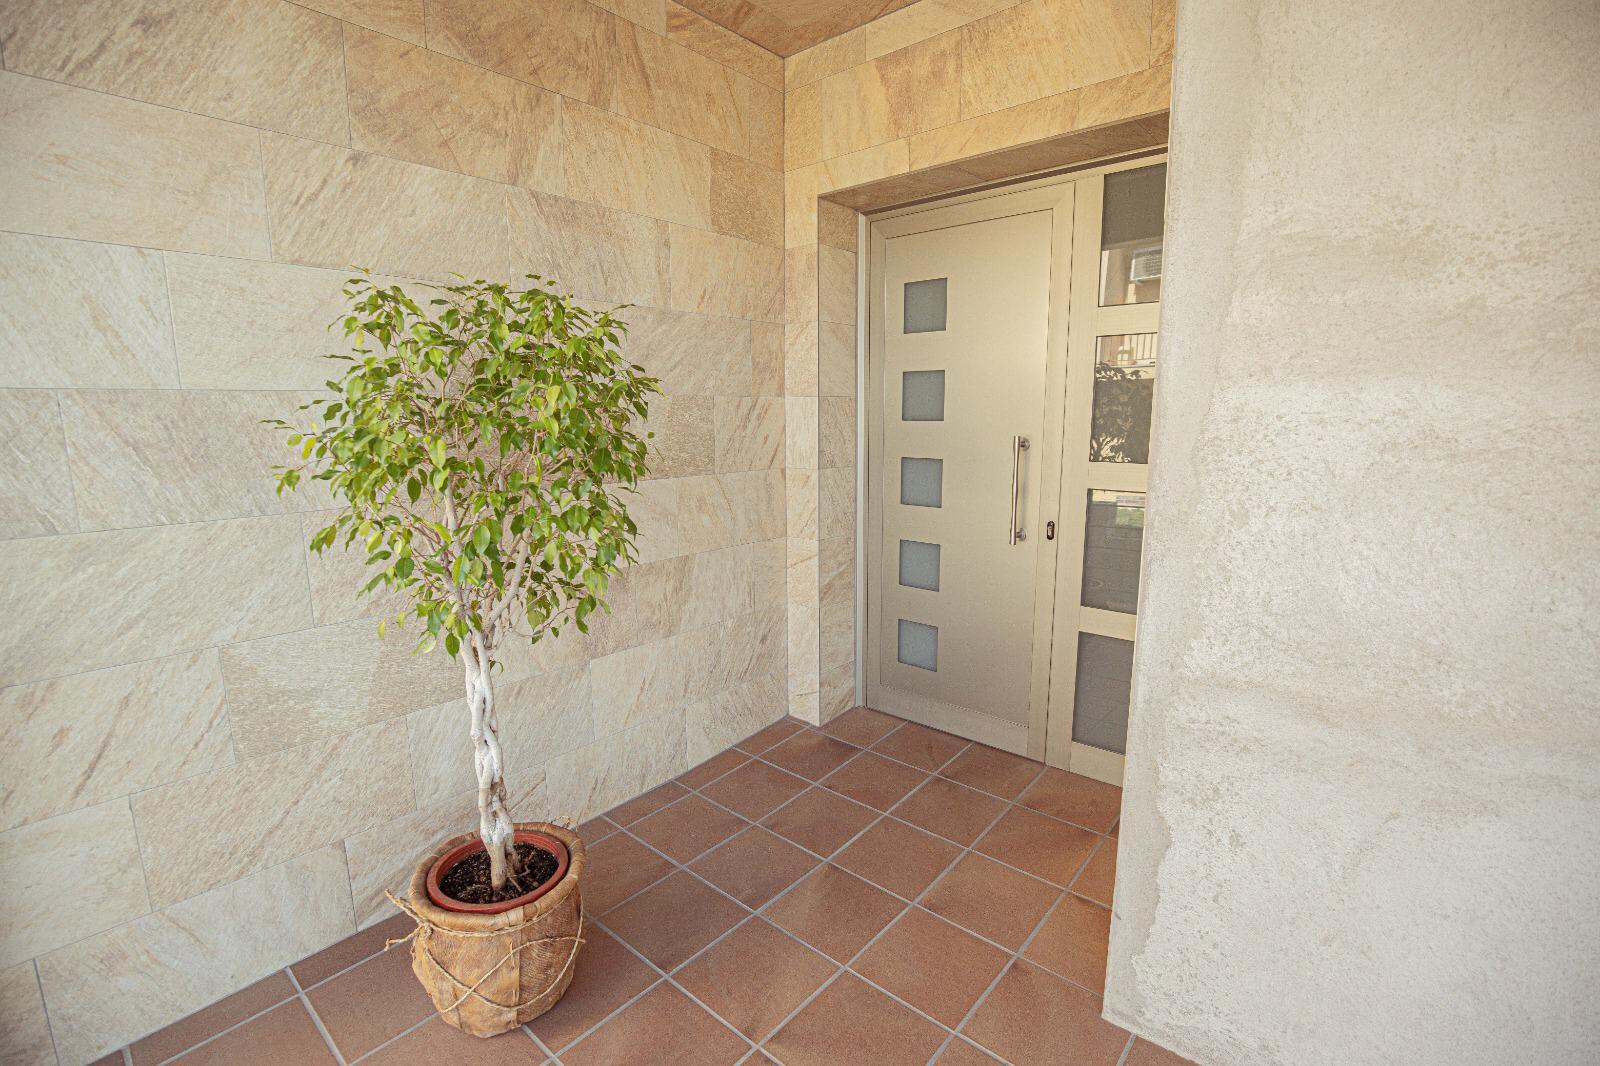 Imagen 4 Casa en venta en Santa Eulàlia De Ronçana / Santa Eulalia de Ronçana- Urb can Marques-408 m2